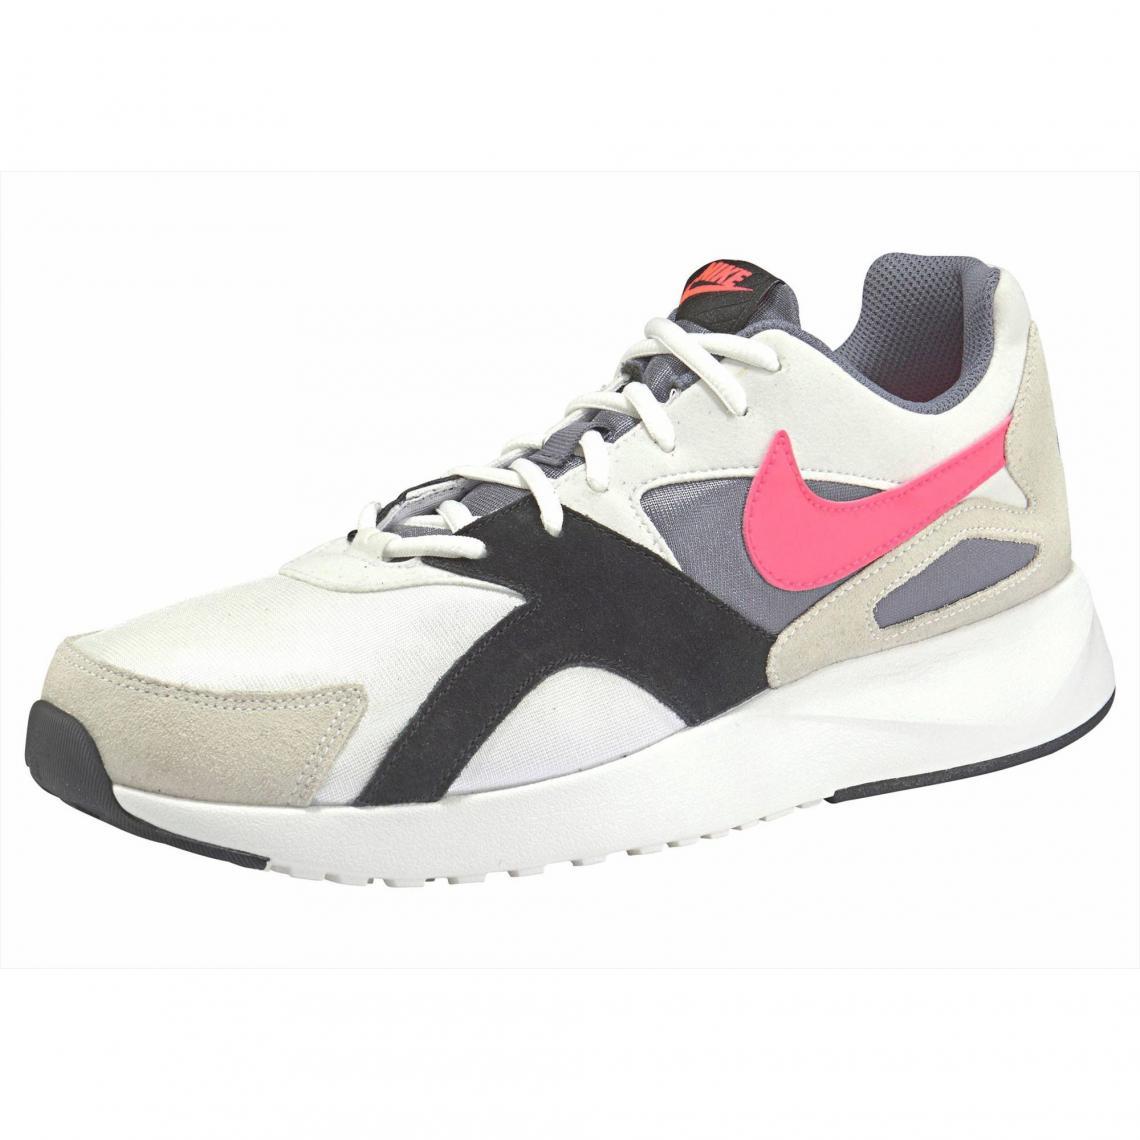 chaussures nike sportswear femme